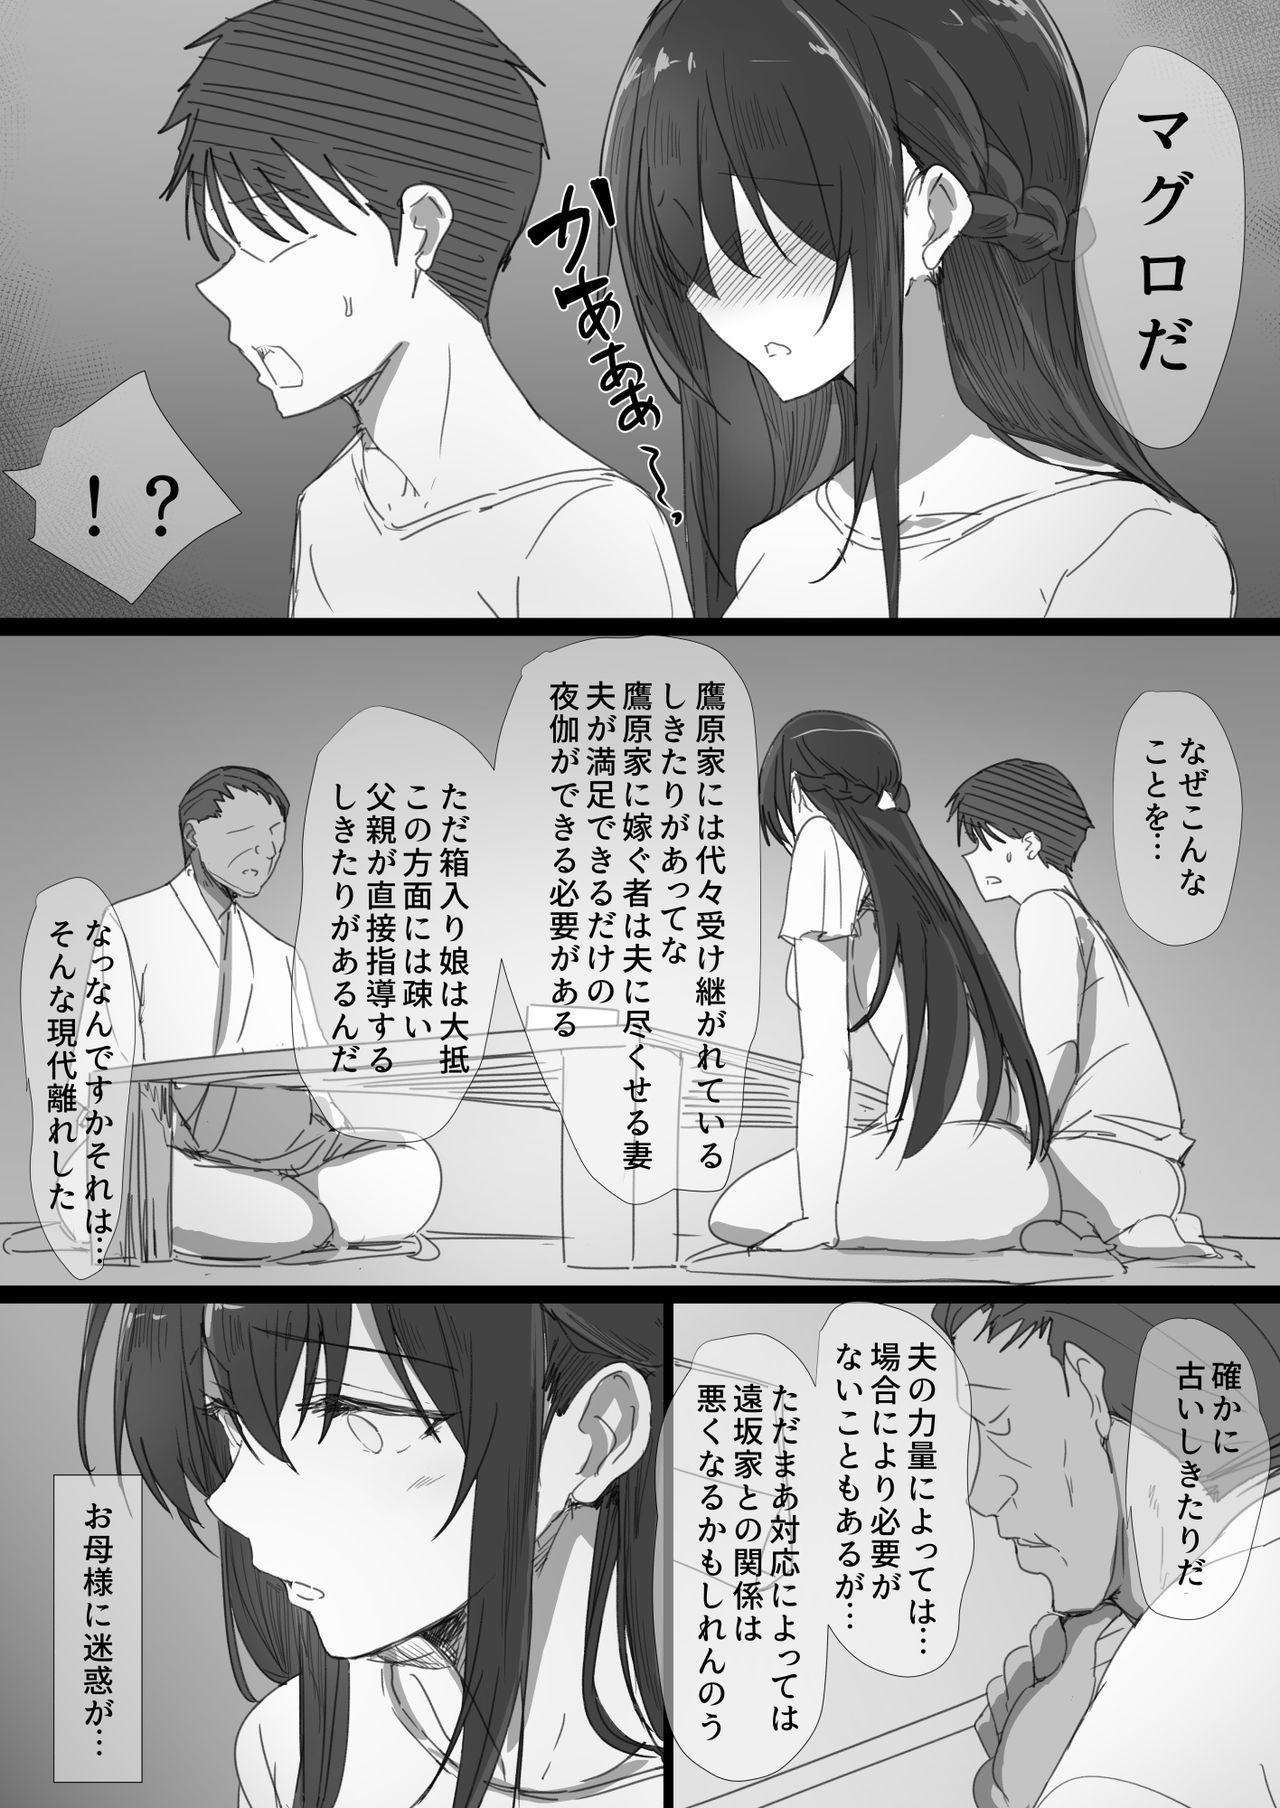 Ki ga Tsuyoi Seiso na Hitozuma Reijou ga Netorareru made no Ichibu Shijuu 12